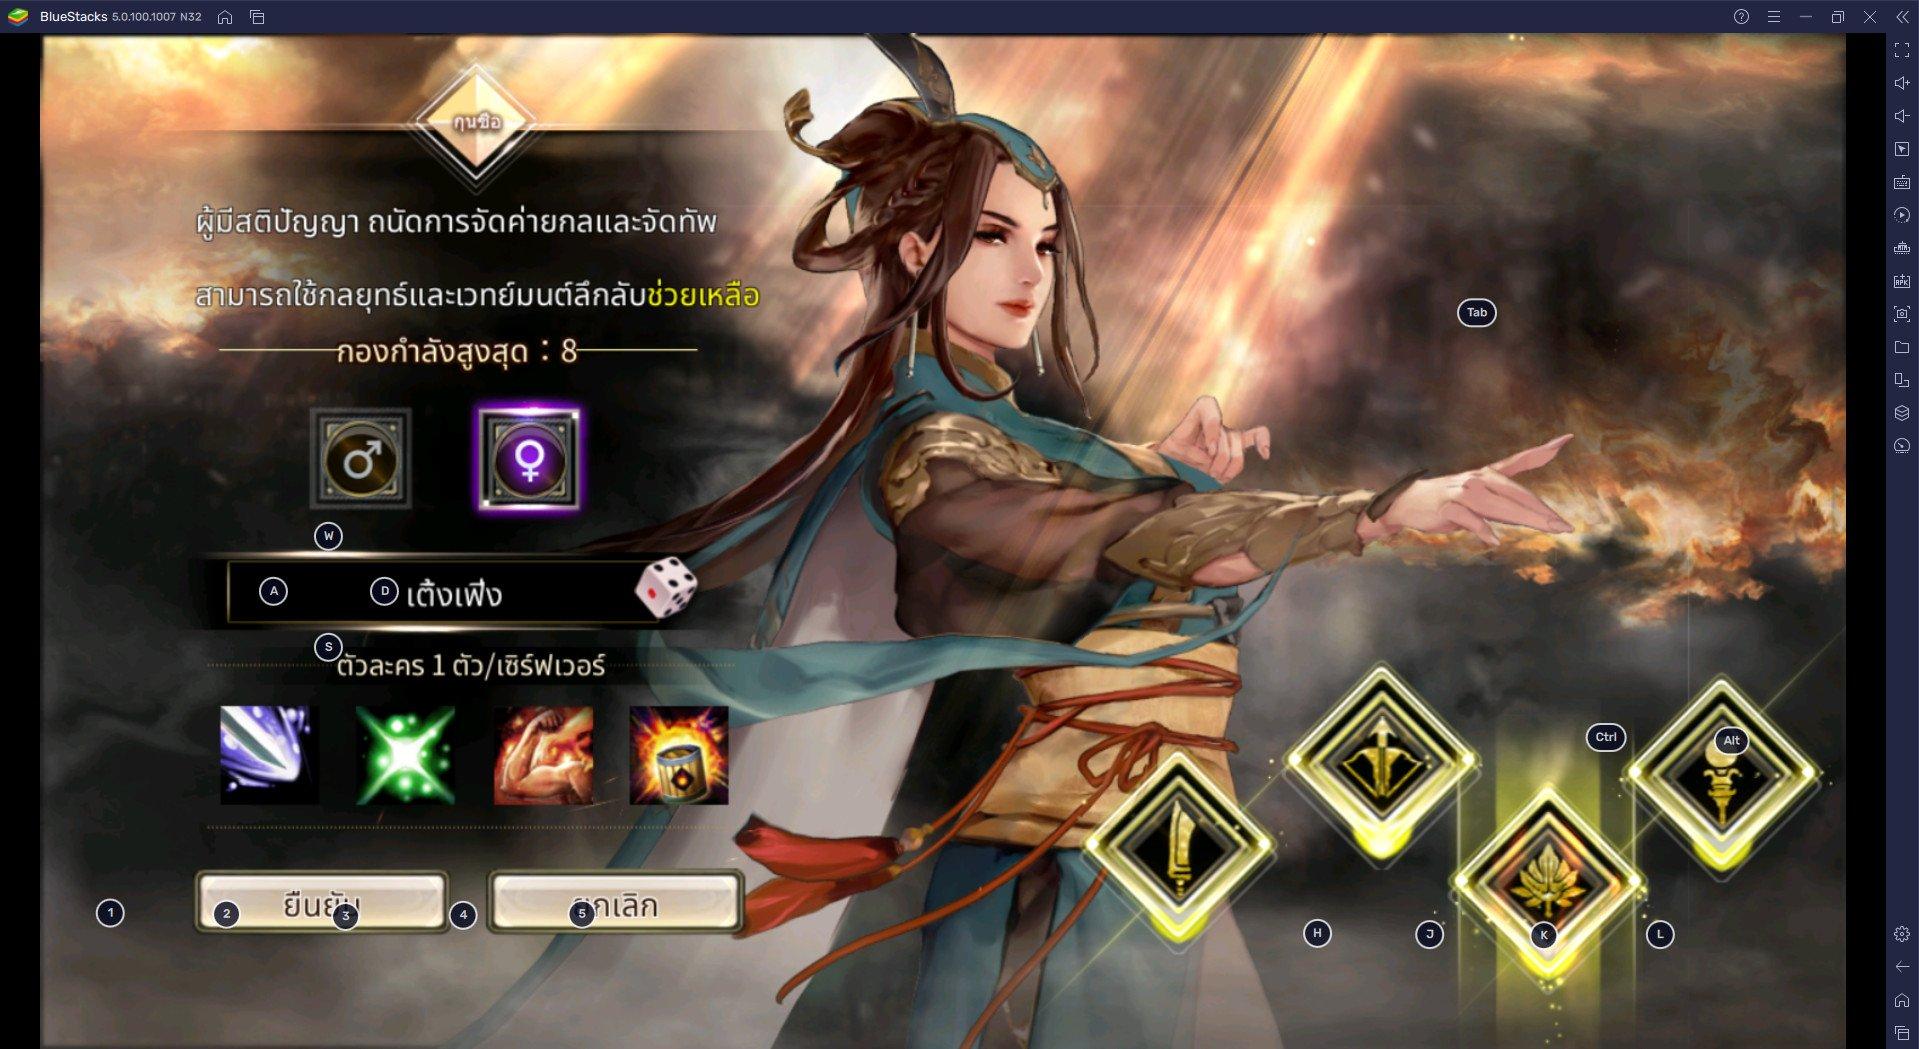 เริ่มต้นเล่น Kingdom Heroes M แบบง่าย ๆ สำหรับผู้เล่นใหม่